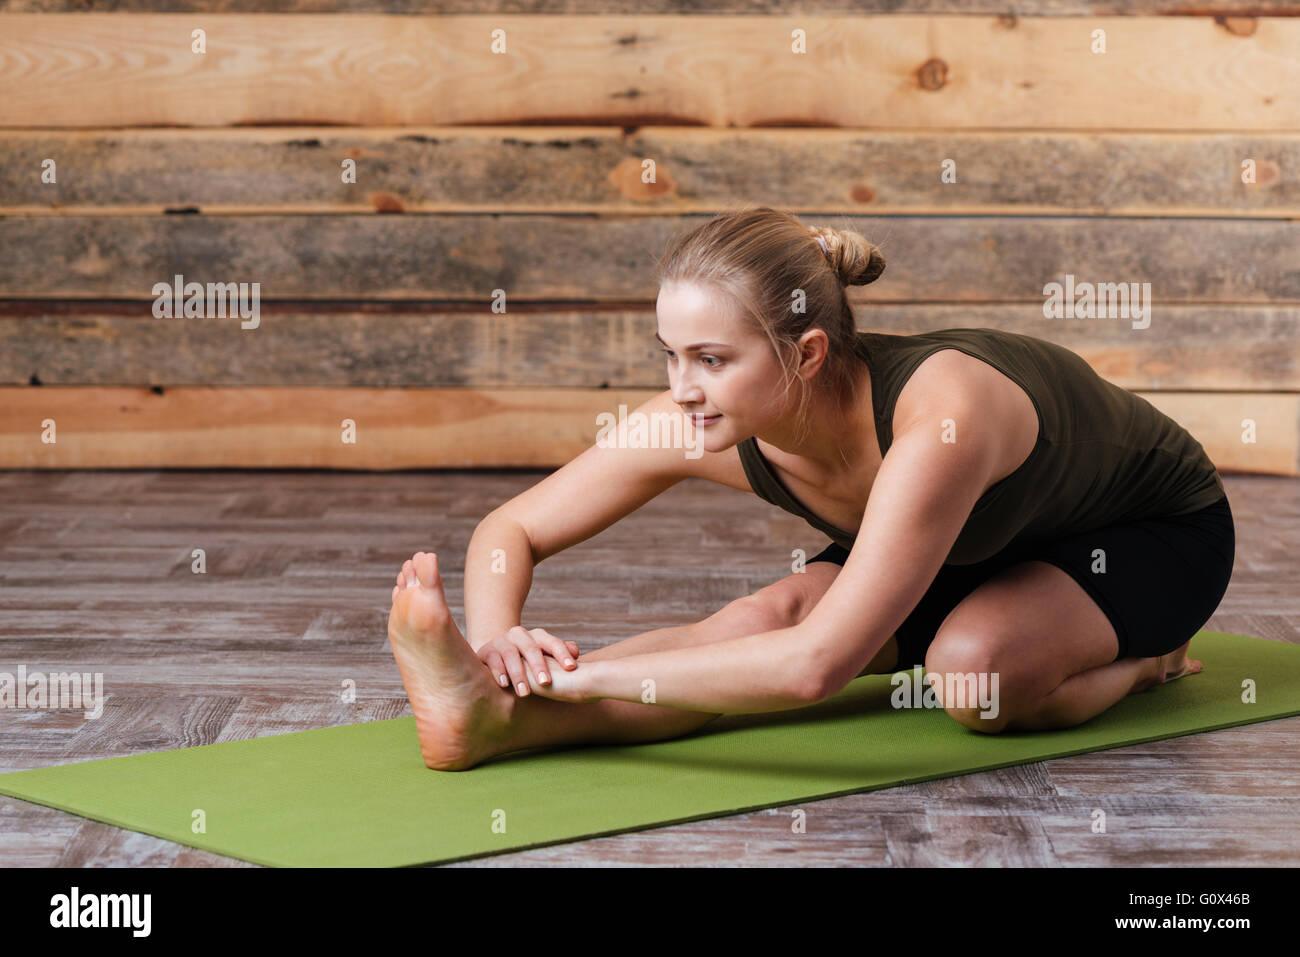 Mujer realizando ejercicios de yoga en el yoga mat Imagen De Stock